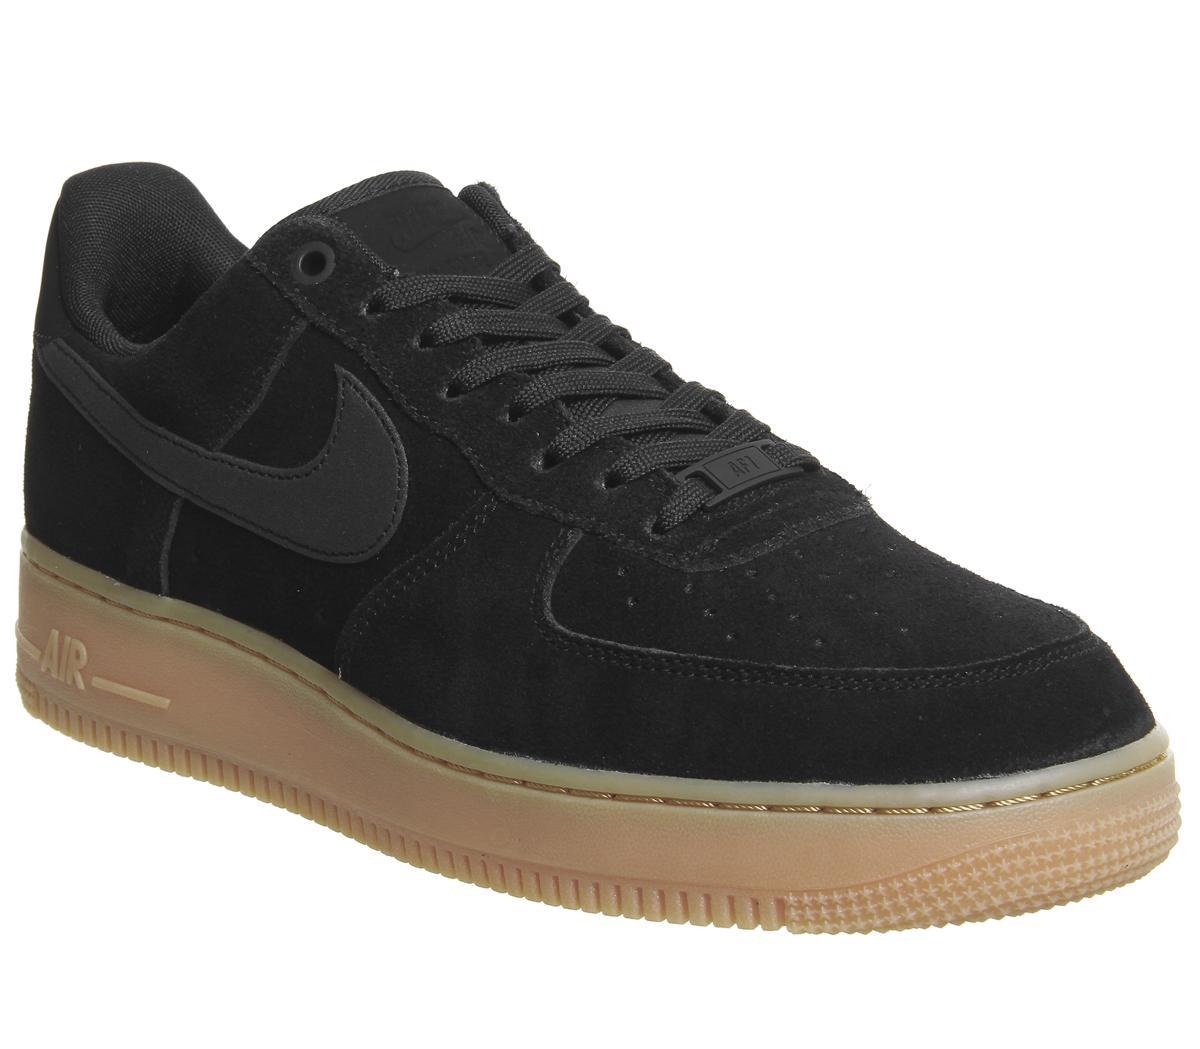 Nike Nike Air Force One Trainers Black